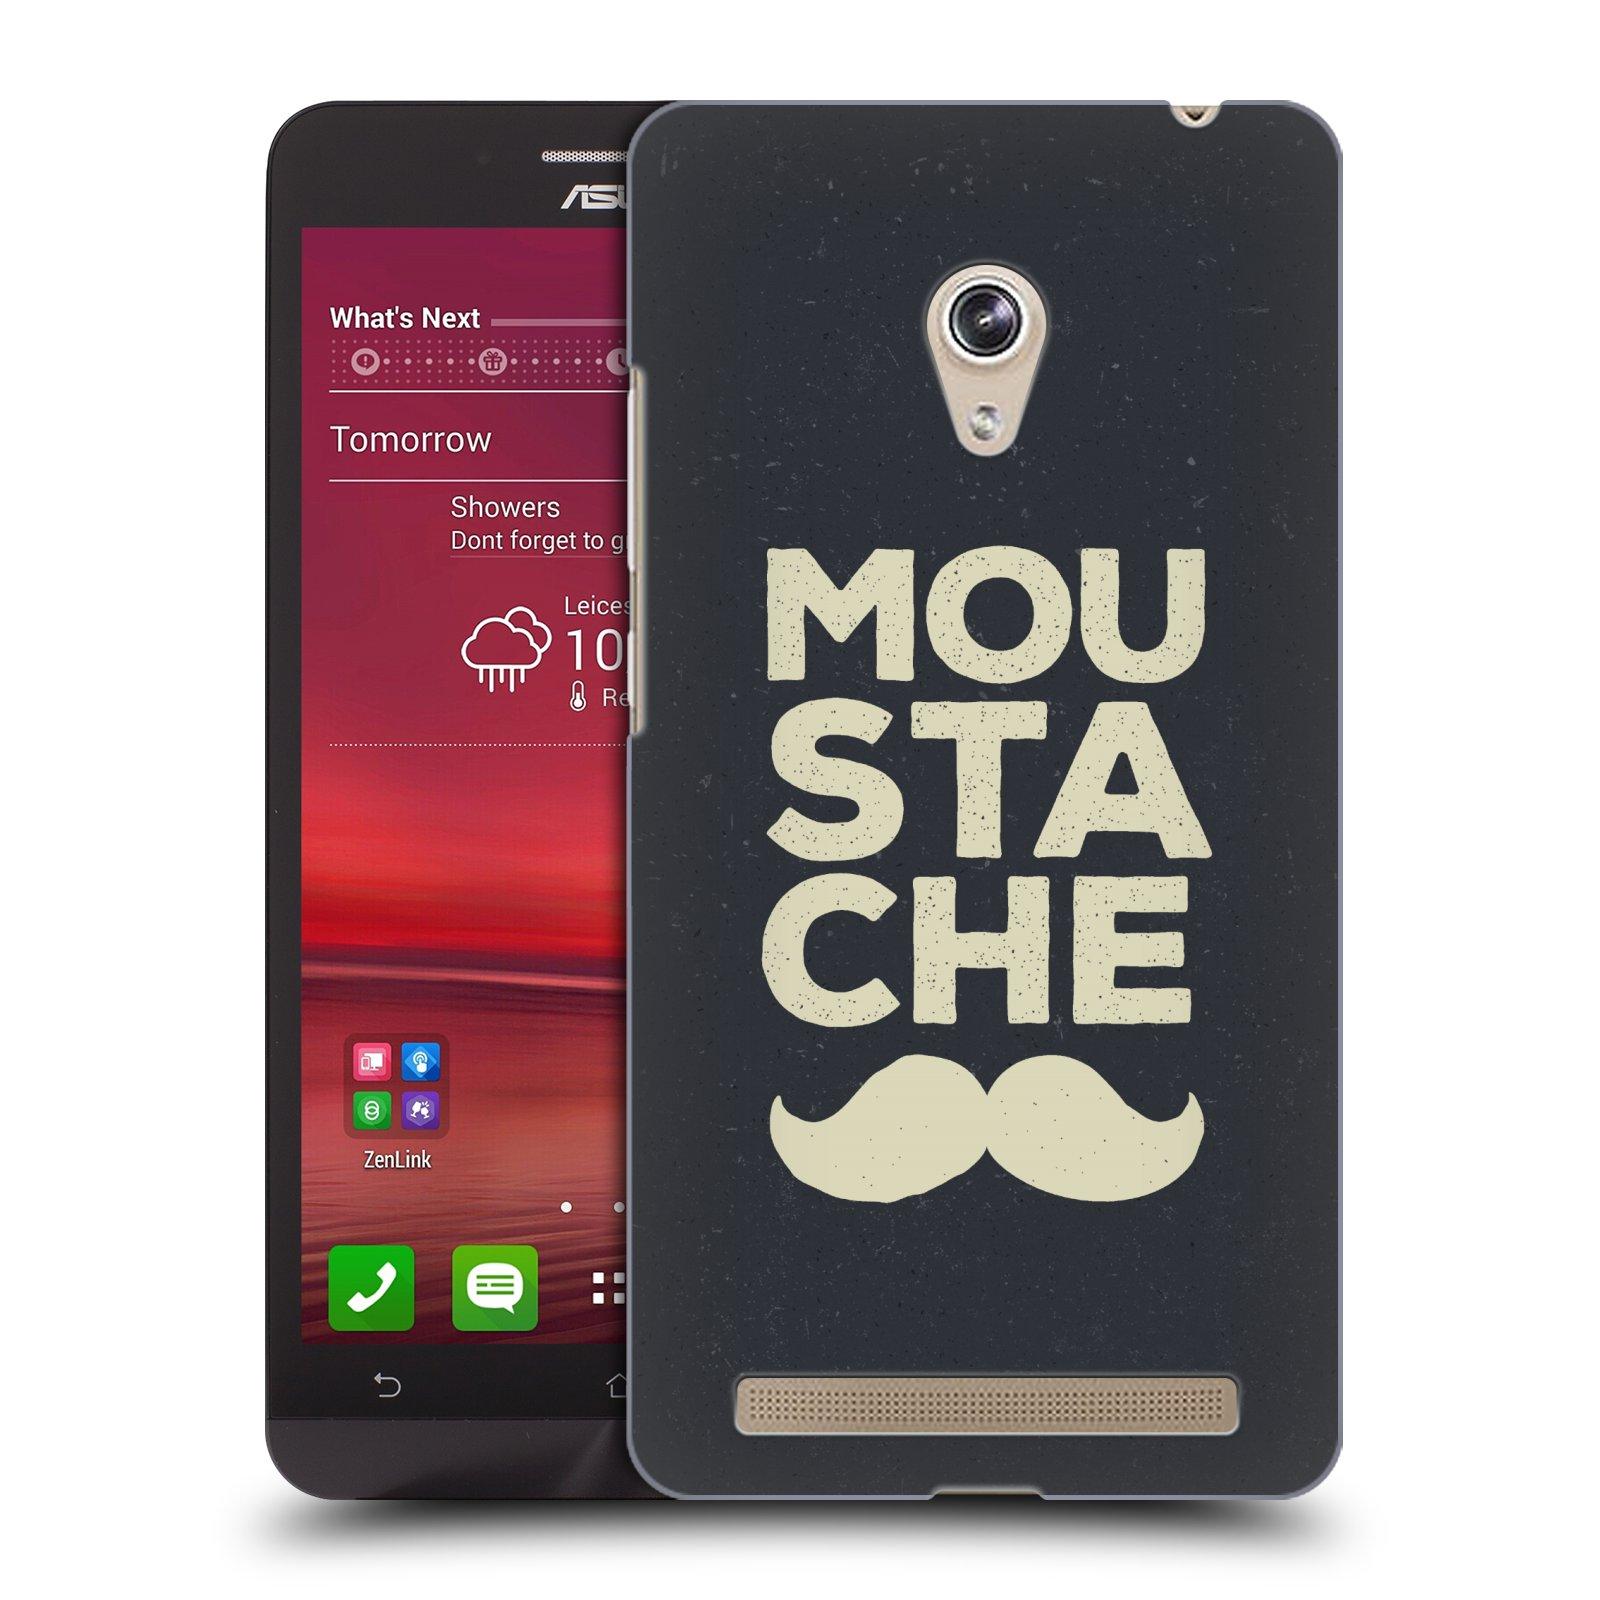 Plastové pouzdro na mobil Asus Zenfone 6 HEAD CASE KNÍR MOU STA CHE (Plastový kryt či obal na mobilní telefon Asus Zenfone 6 A600CG / A601CG)